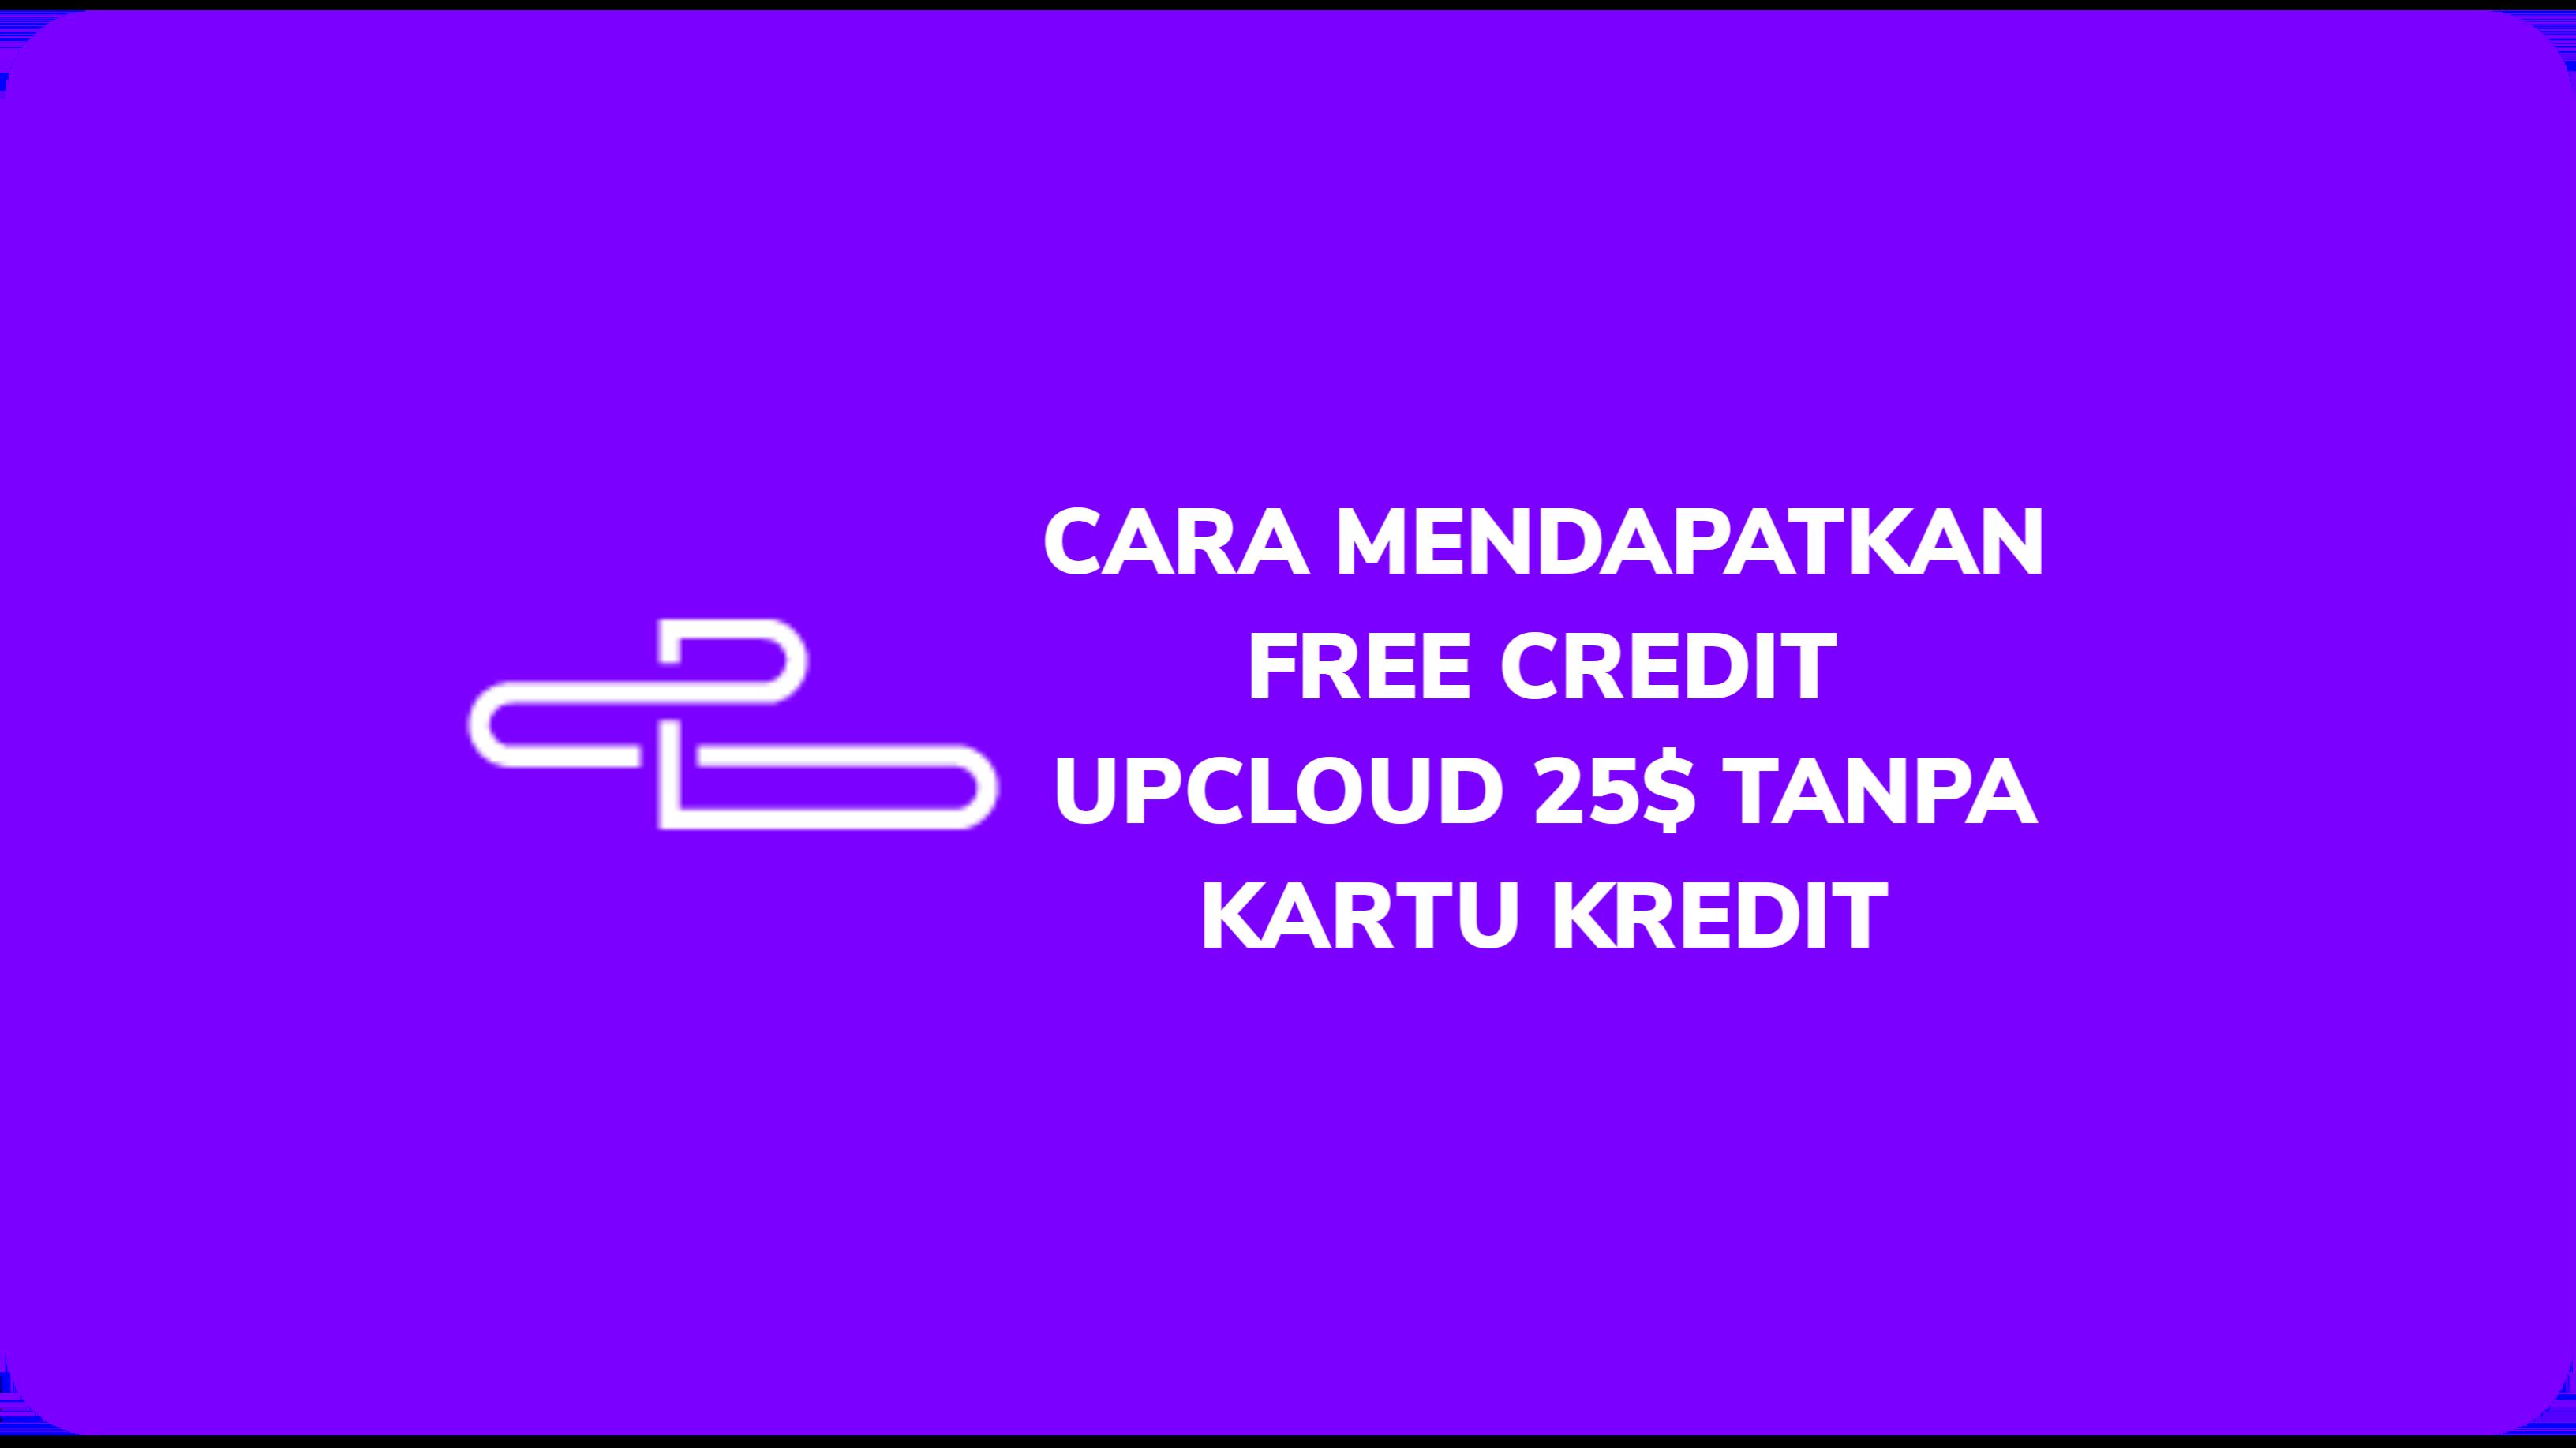 Cara Mendapatkan Free Credit UpCloud 25$ Tanpa Kartu Kredit